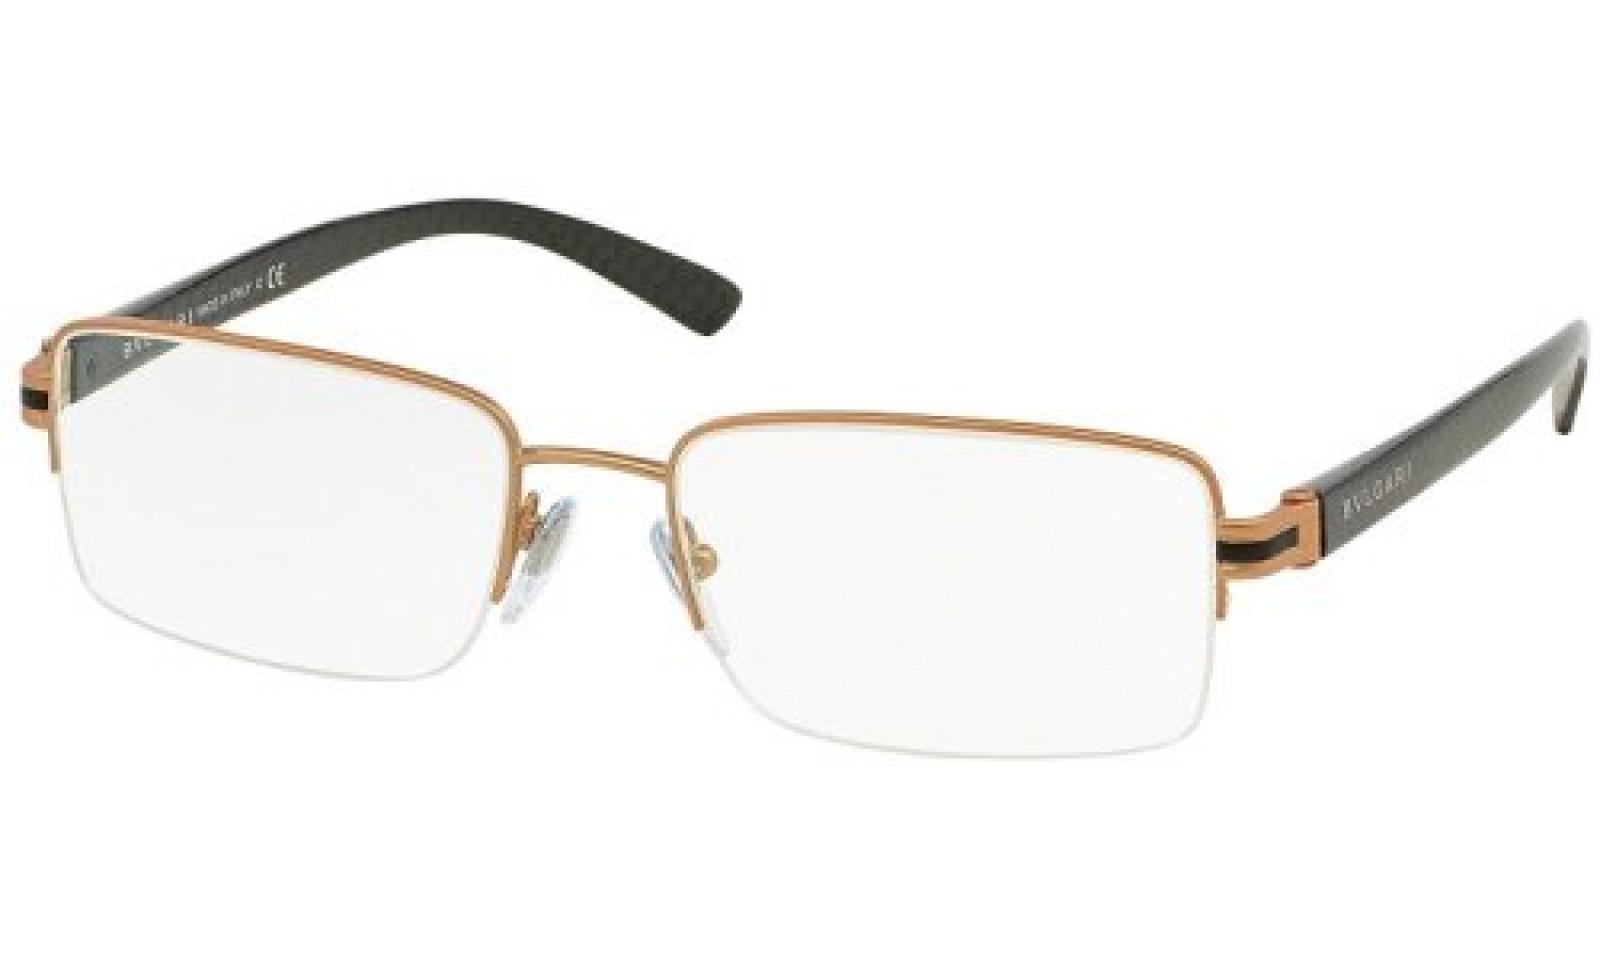 Bulgari Für Mann 1082 Matte Pink Gold Metallgestell Brillen, 53mm